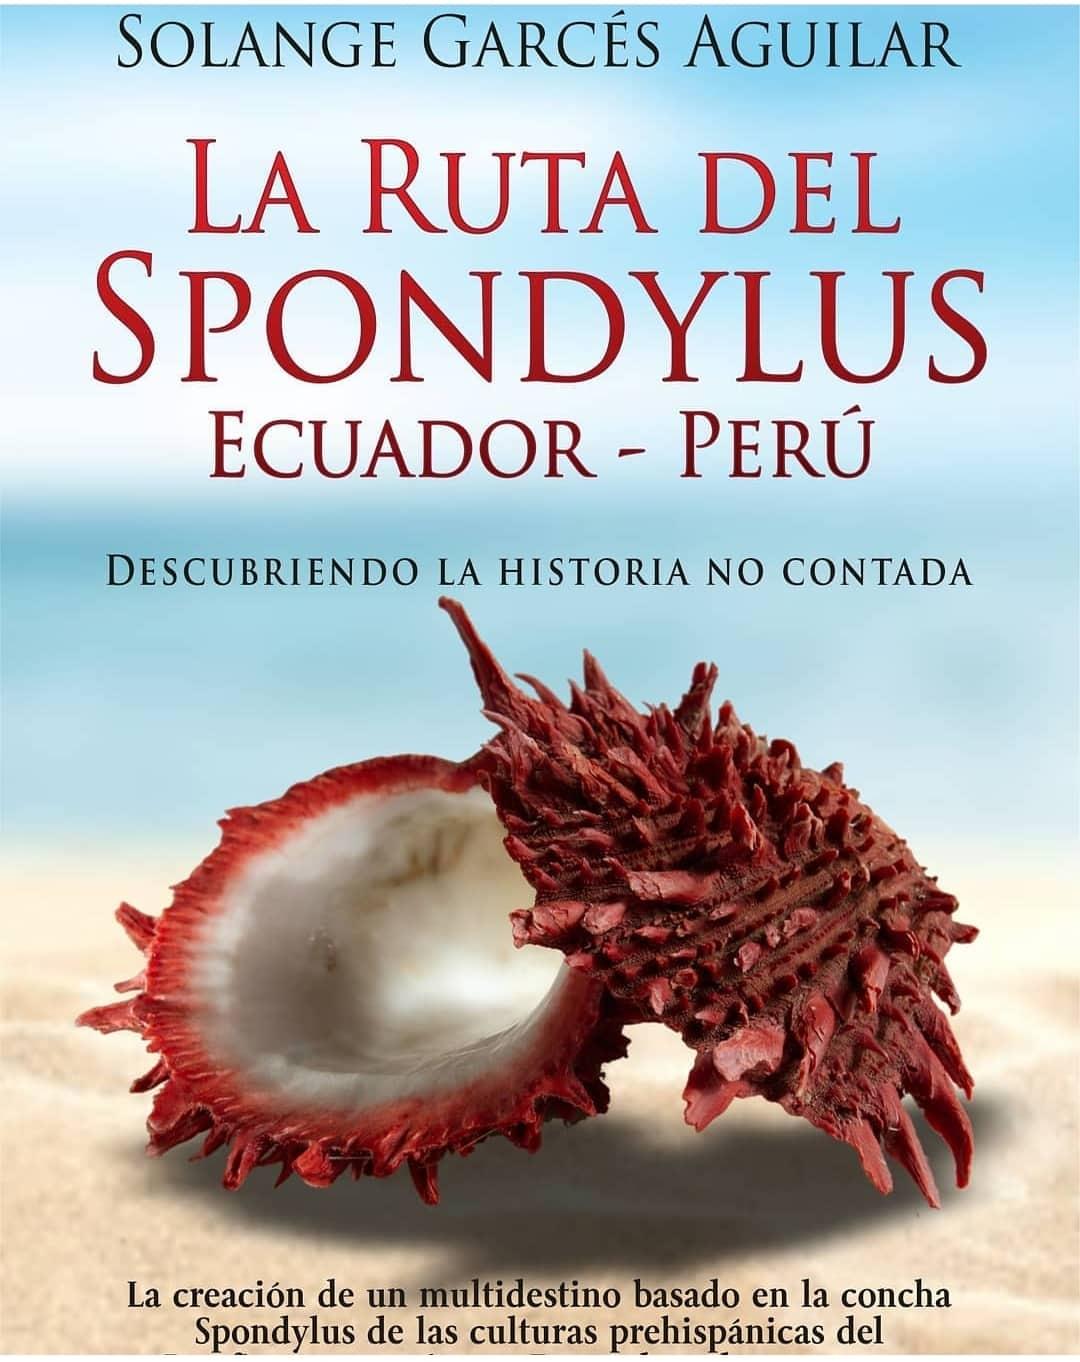 La Ruta del Spondylus Ecuador - Perú  ©Solange Garcés Aguilar